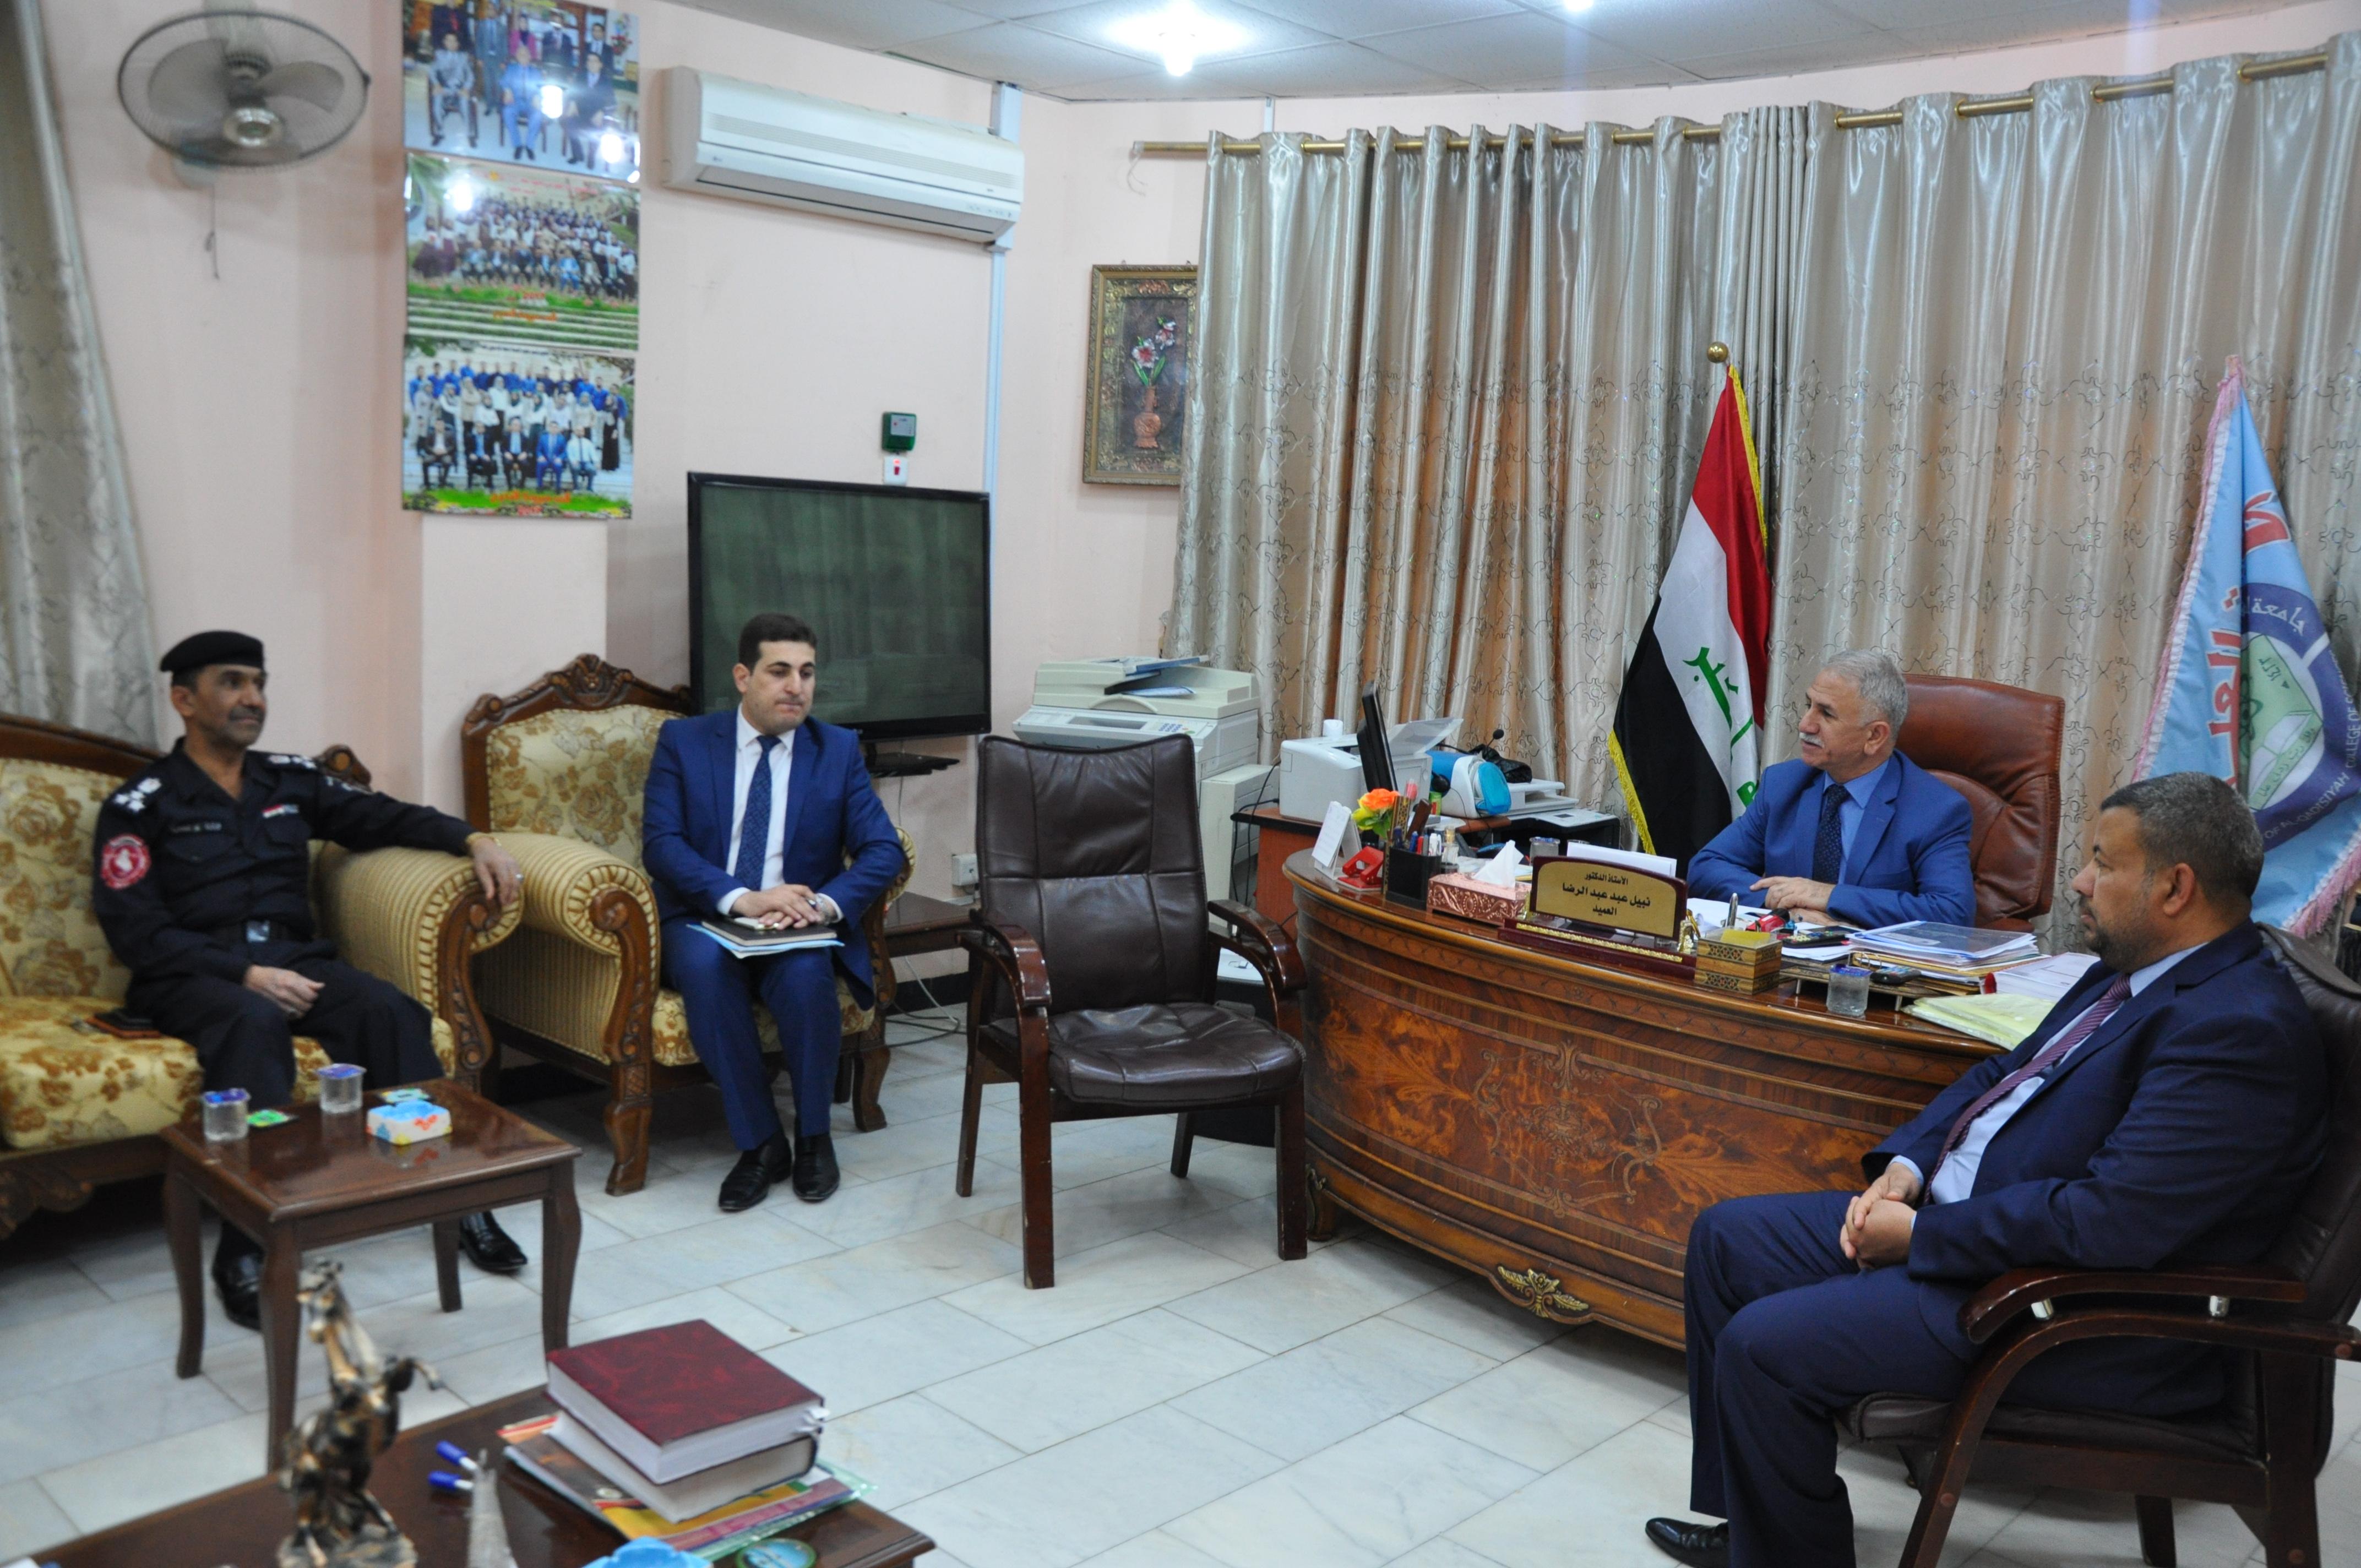 وفد من الدفاع المدني في محافظة الديوانية يزور كلية العلوم